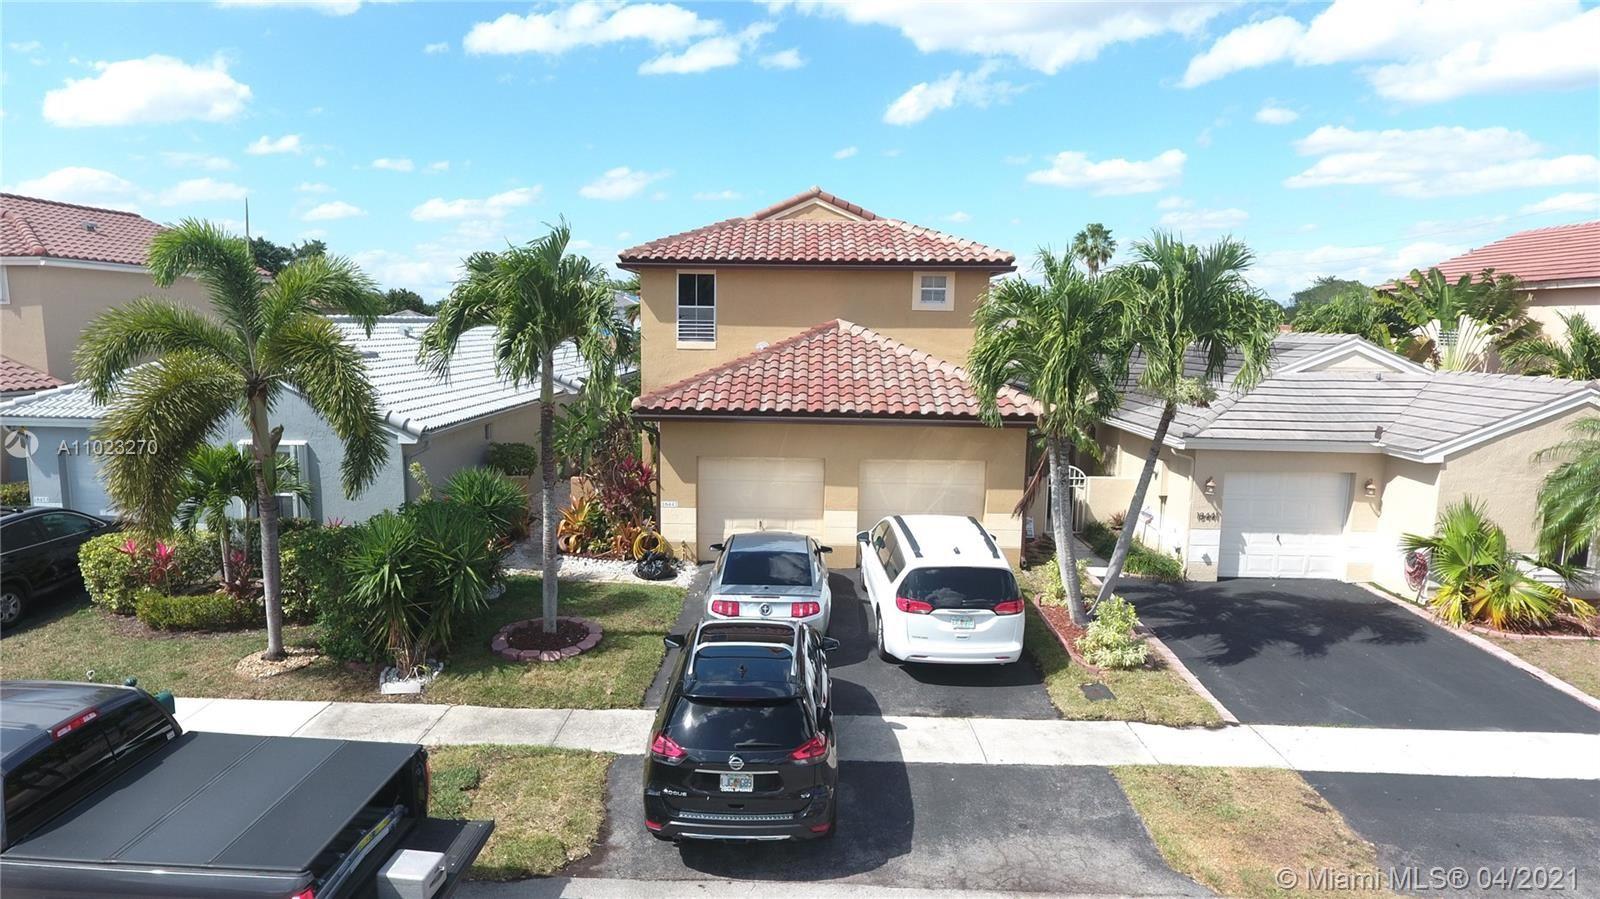 18447 NW 21st St, Pembroke Pines, FL 33029 - #: A11023270